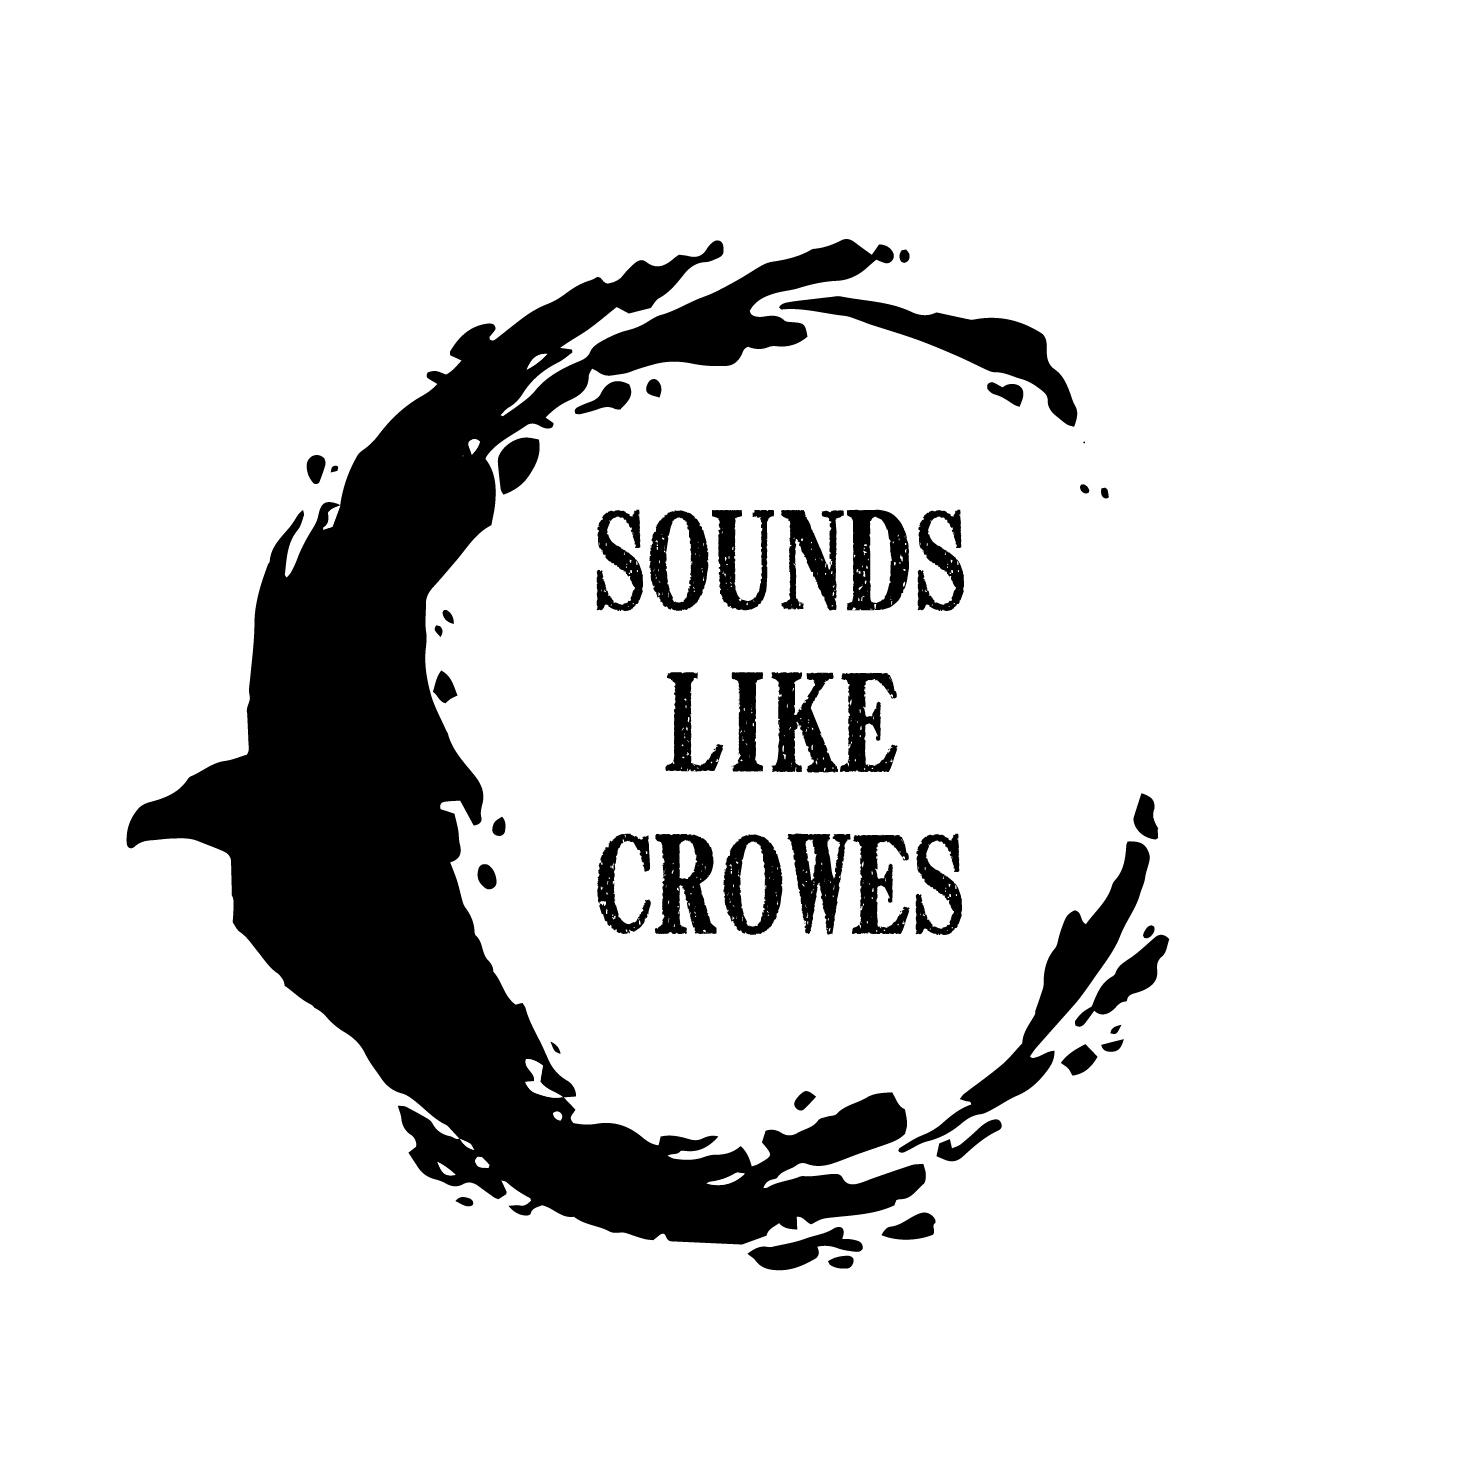 e3fd179f2 Sounds Like Crowes - Home